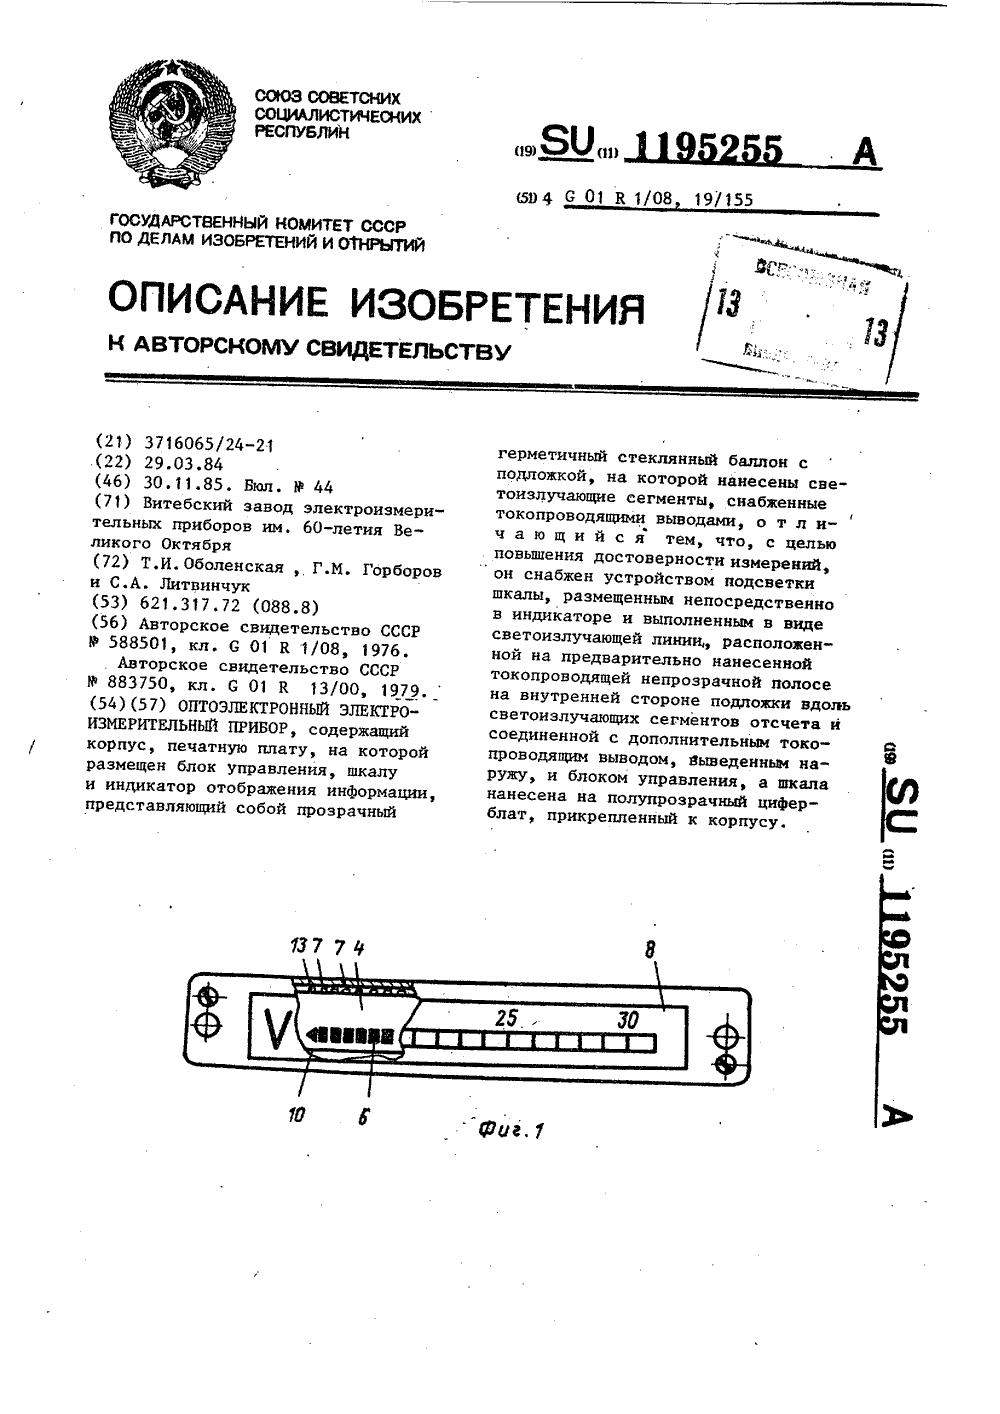 прибор релейный радиоизотопный схема